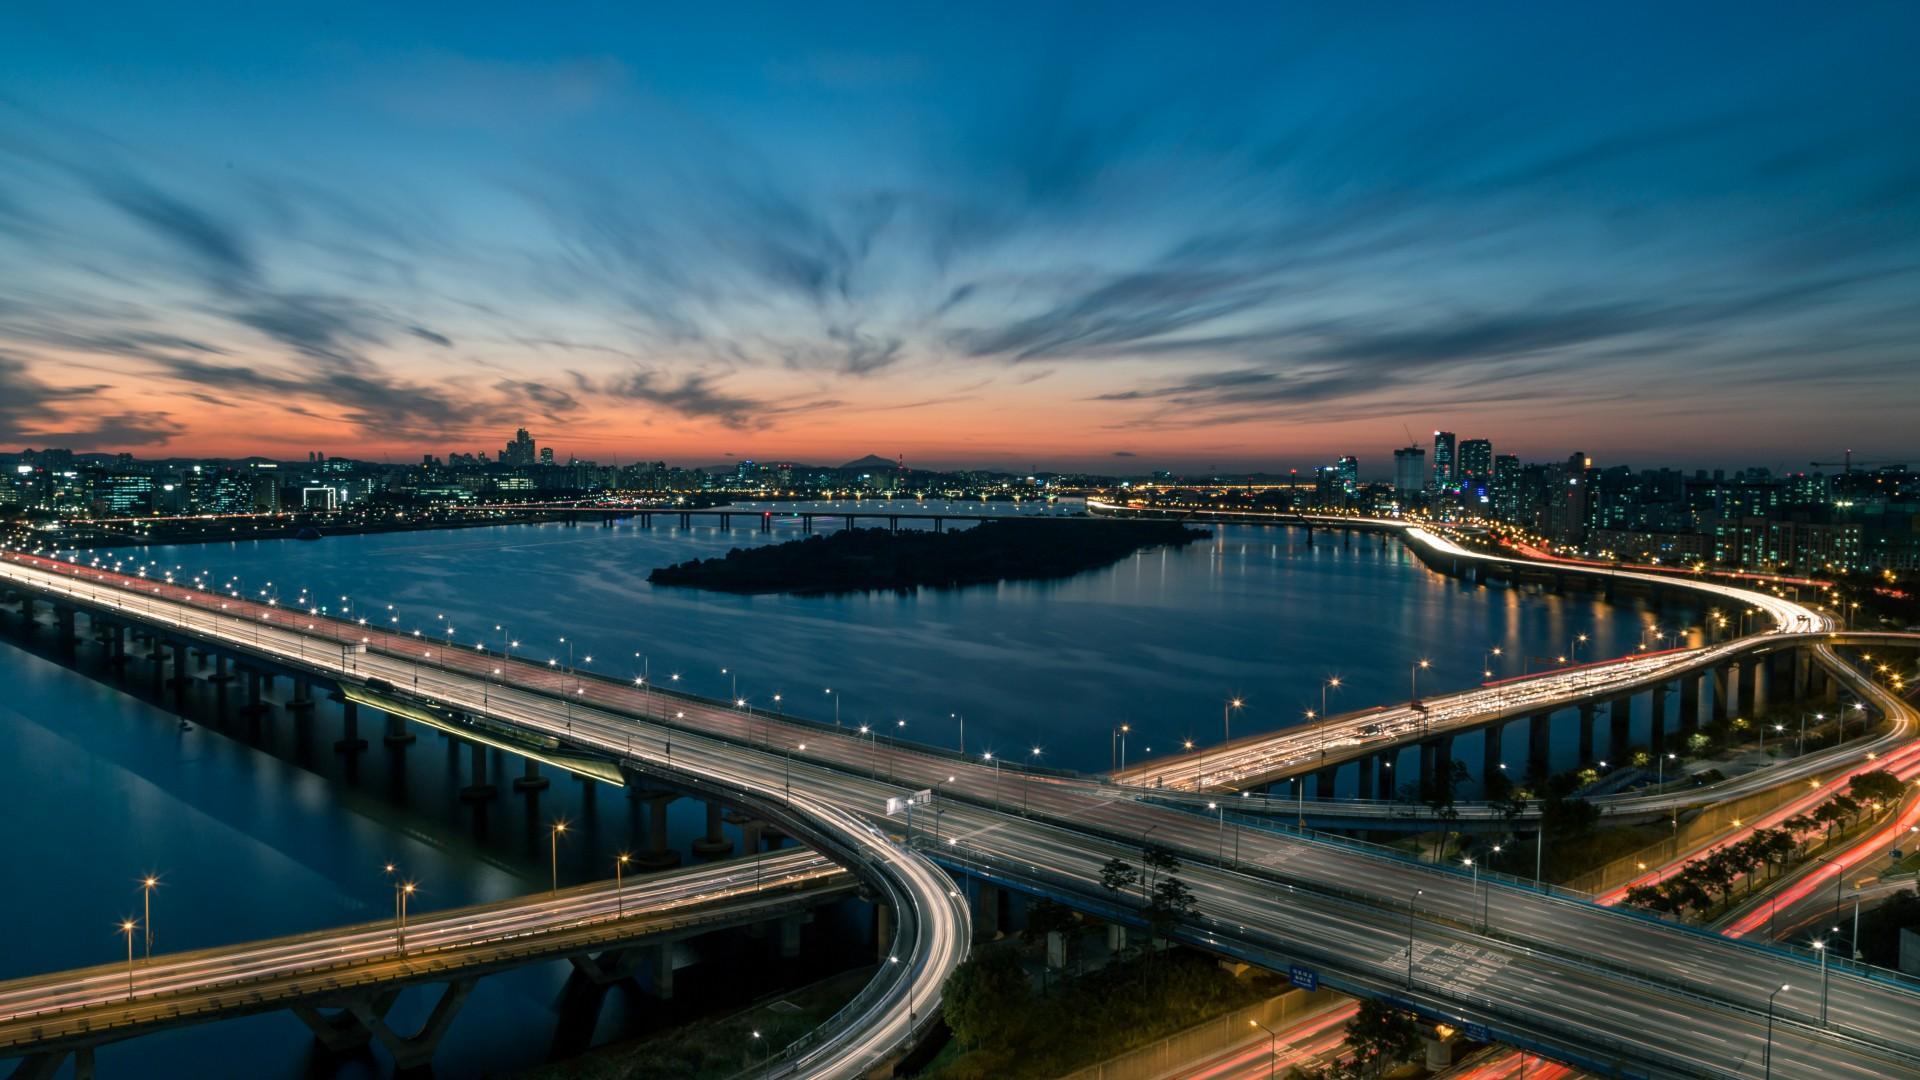 Wallpaper Han River Bridge Seoul South Korea 5k